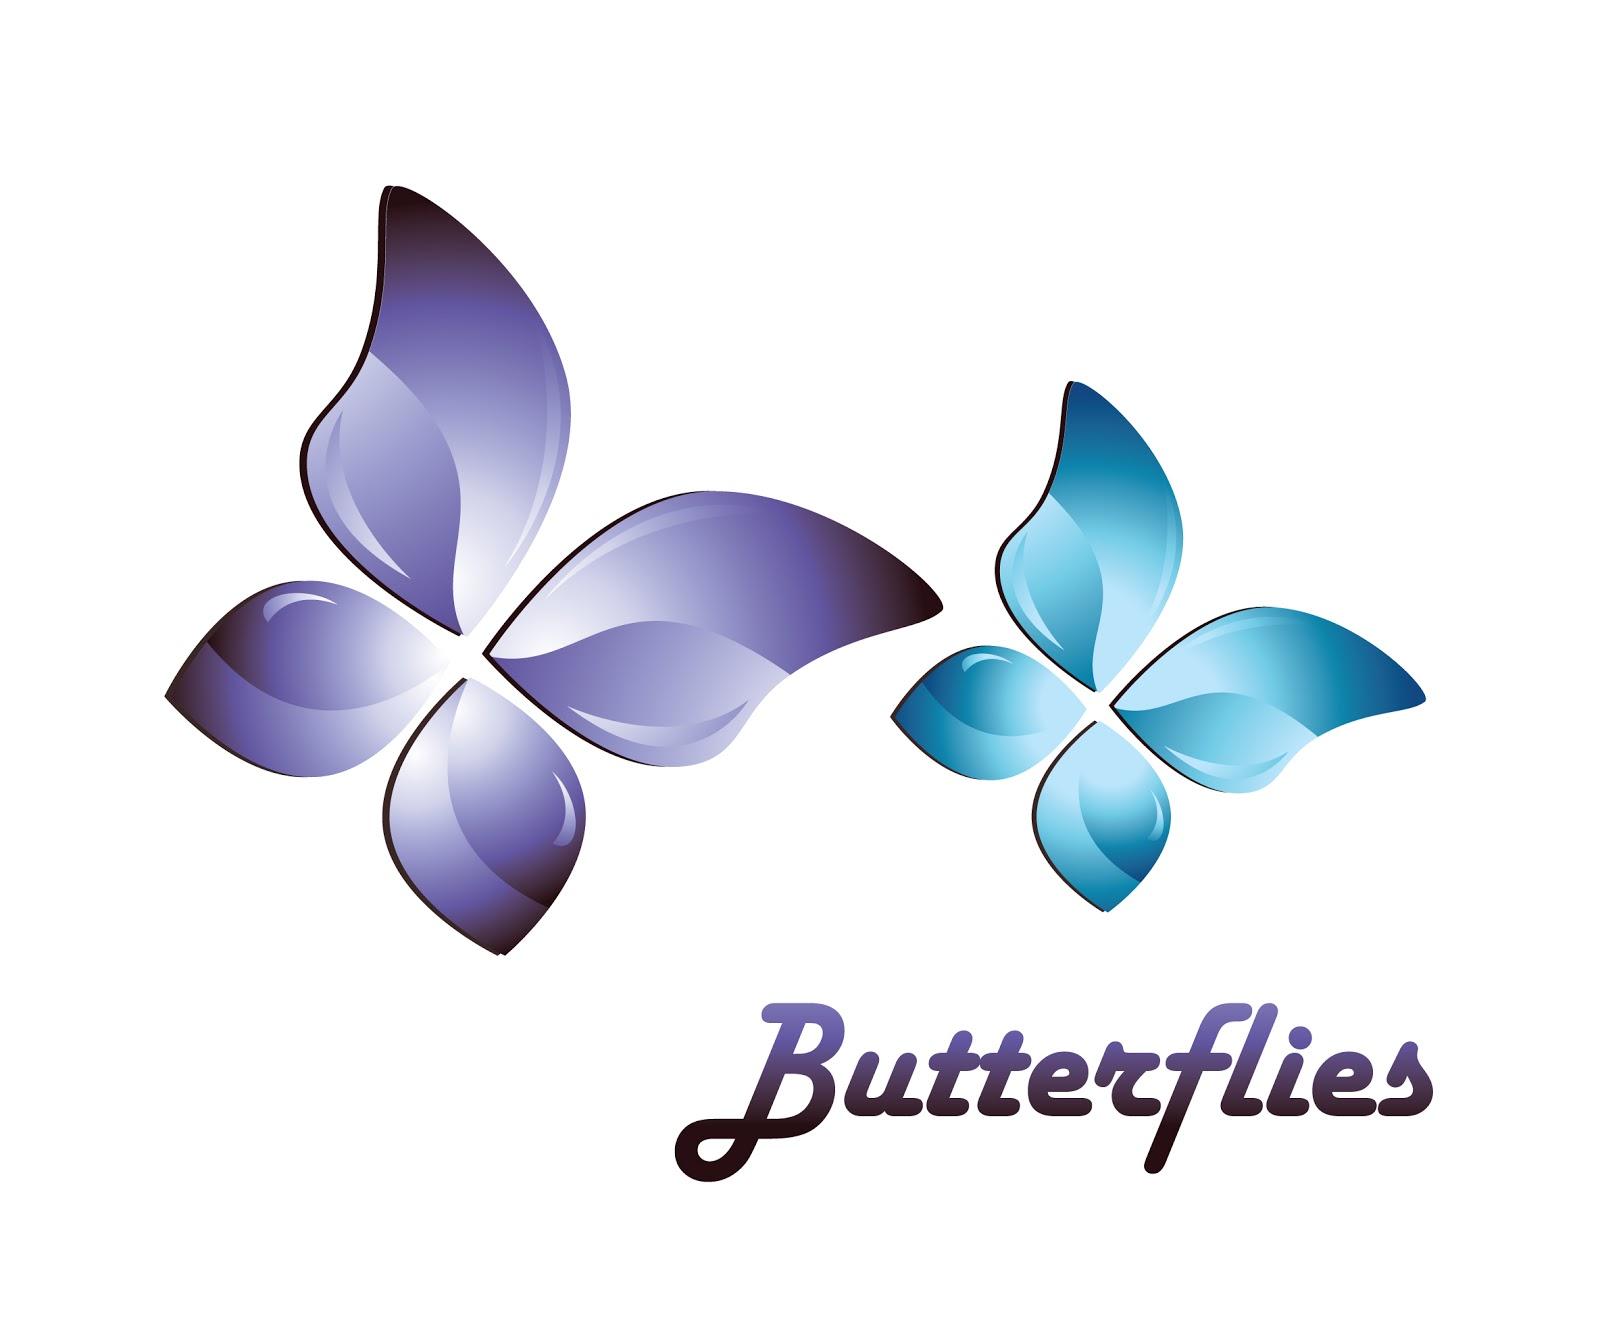 http://2.bp.blogspot.com/-suPjoZFS-KQ/TiQacwOQcYI/AAAAAAAAAM4/dh8SHuOOqOs/s1600/free-vector-butterfly.jpg